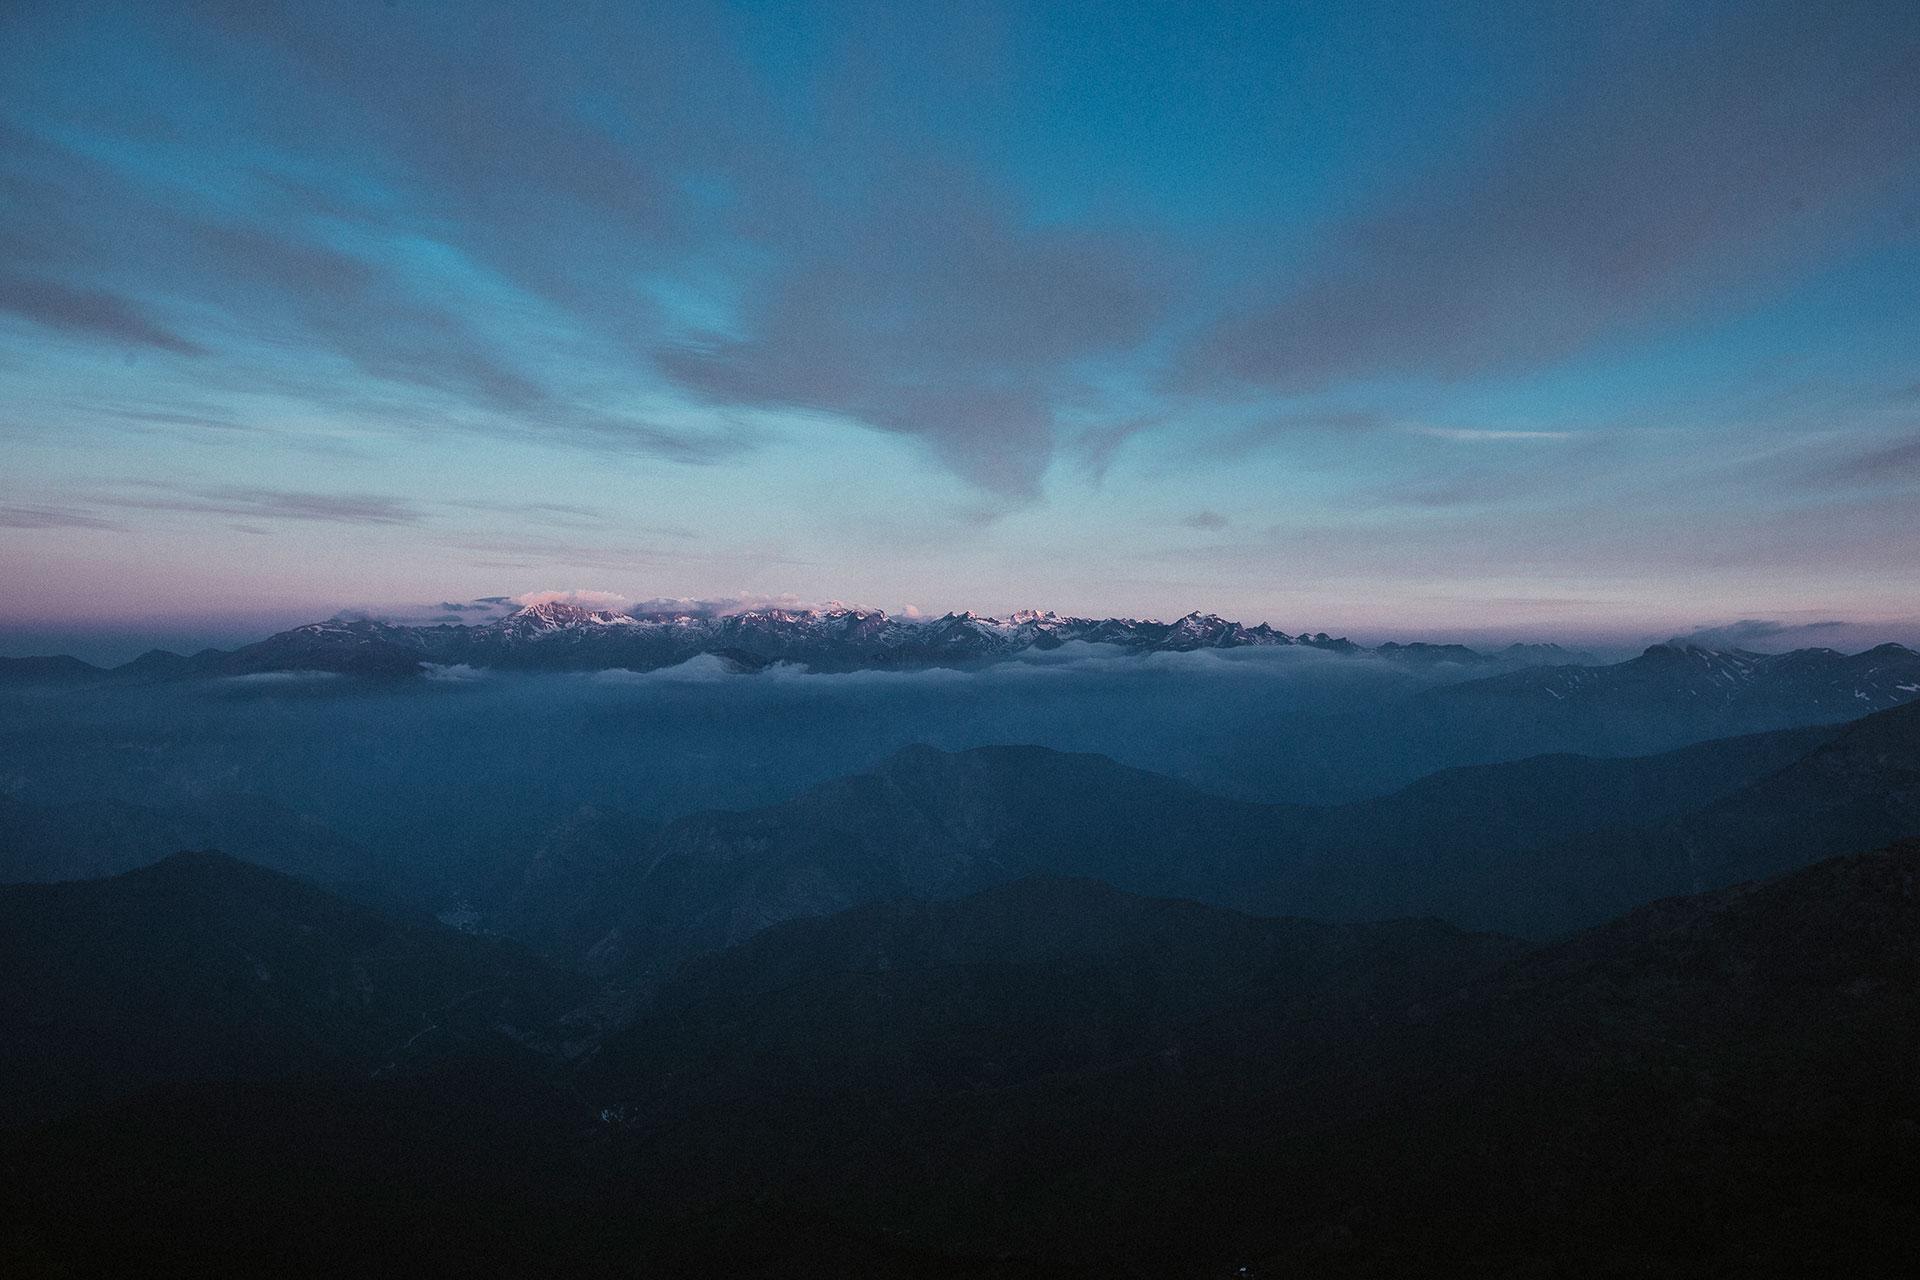 Blaue Stunde Berge Panorama Landschaft Fotograf Alpen Berge Maloja Katalog